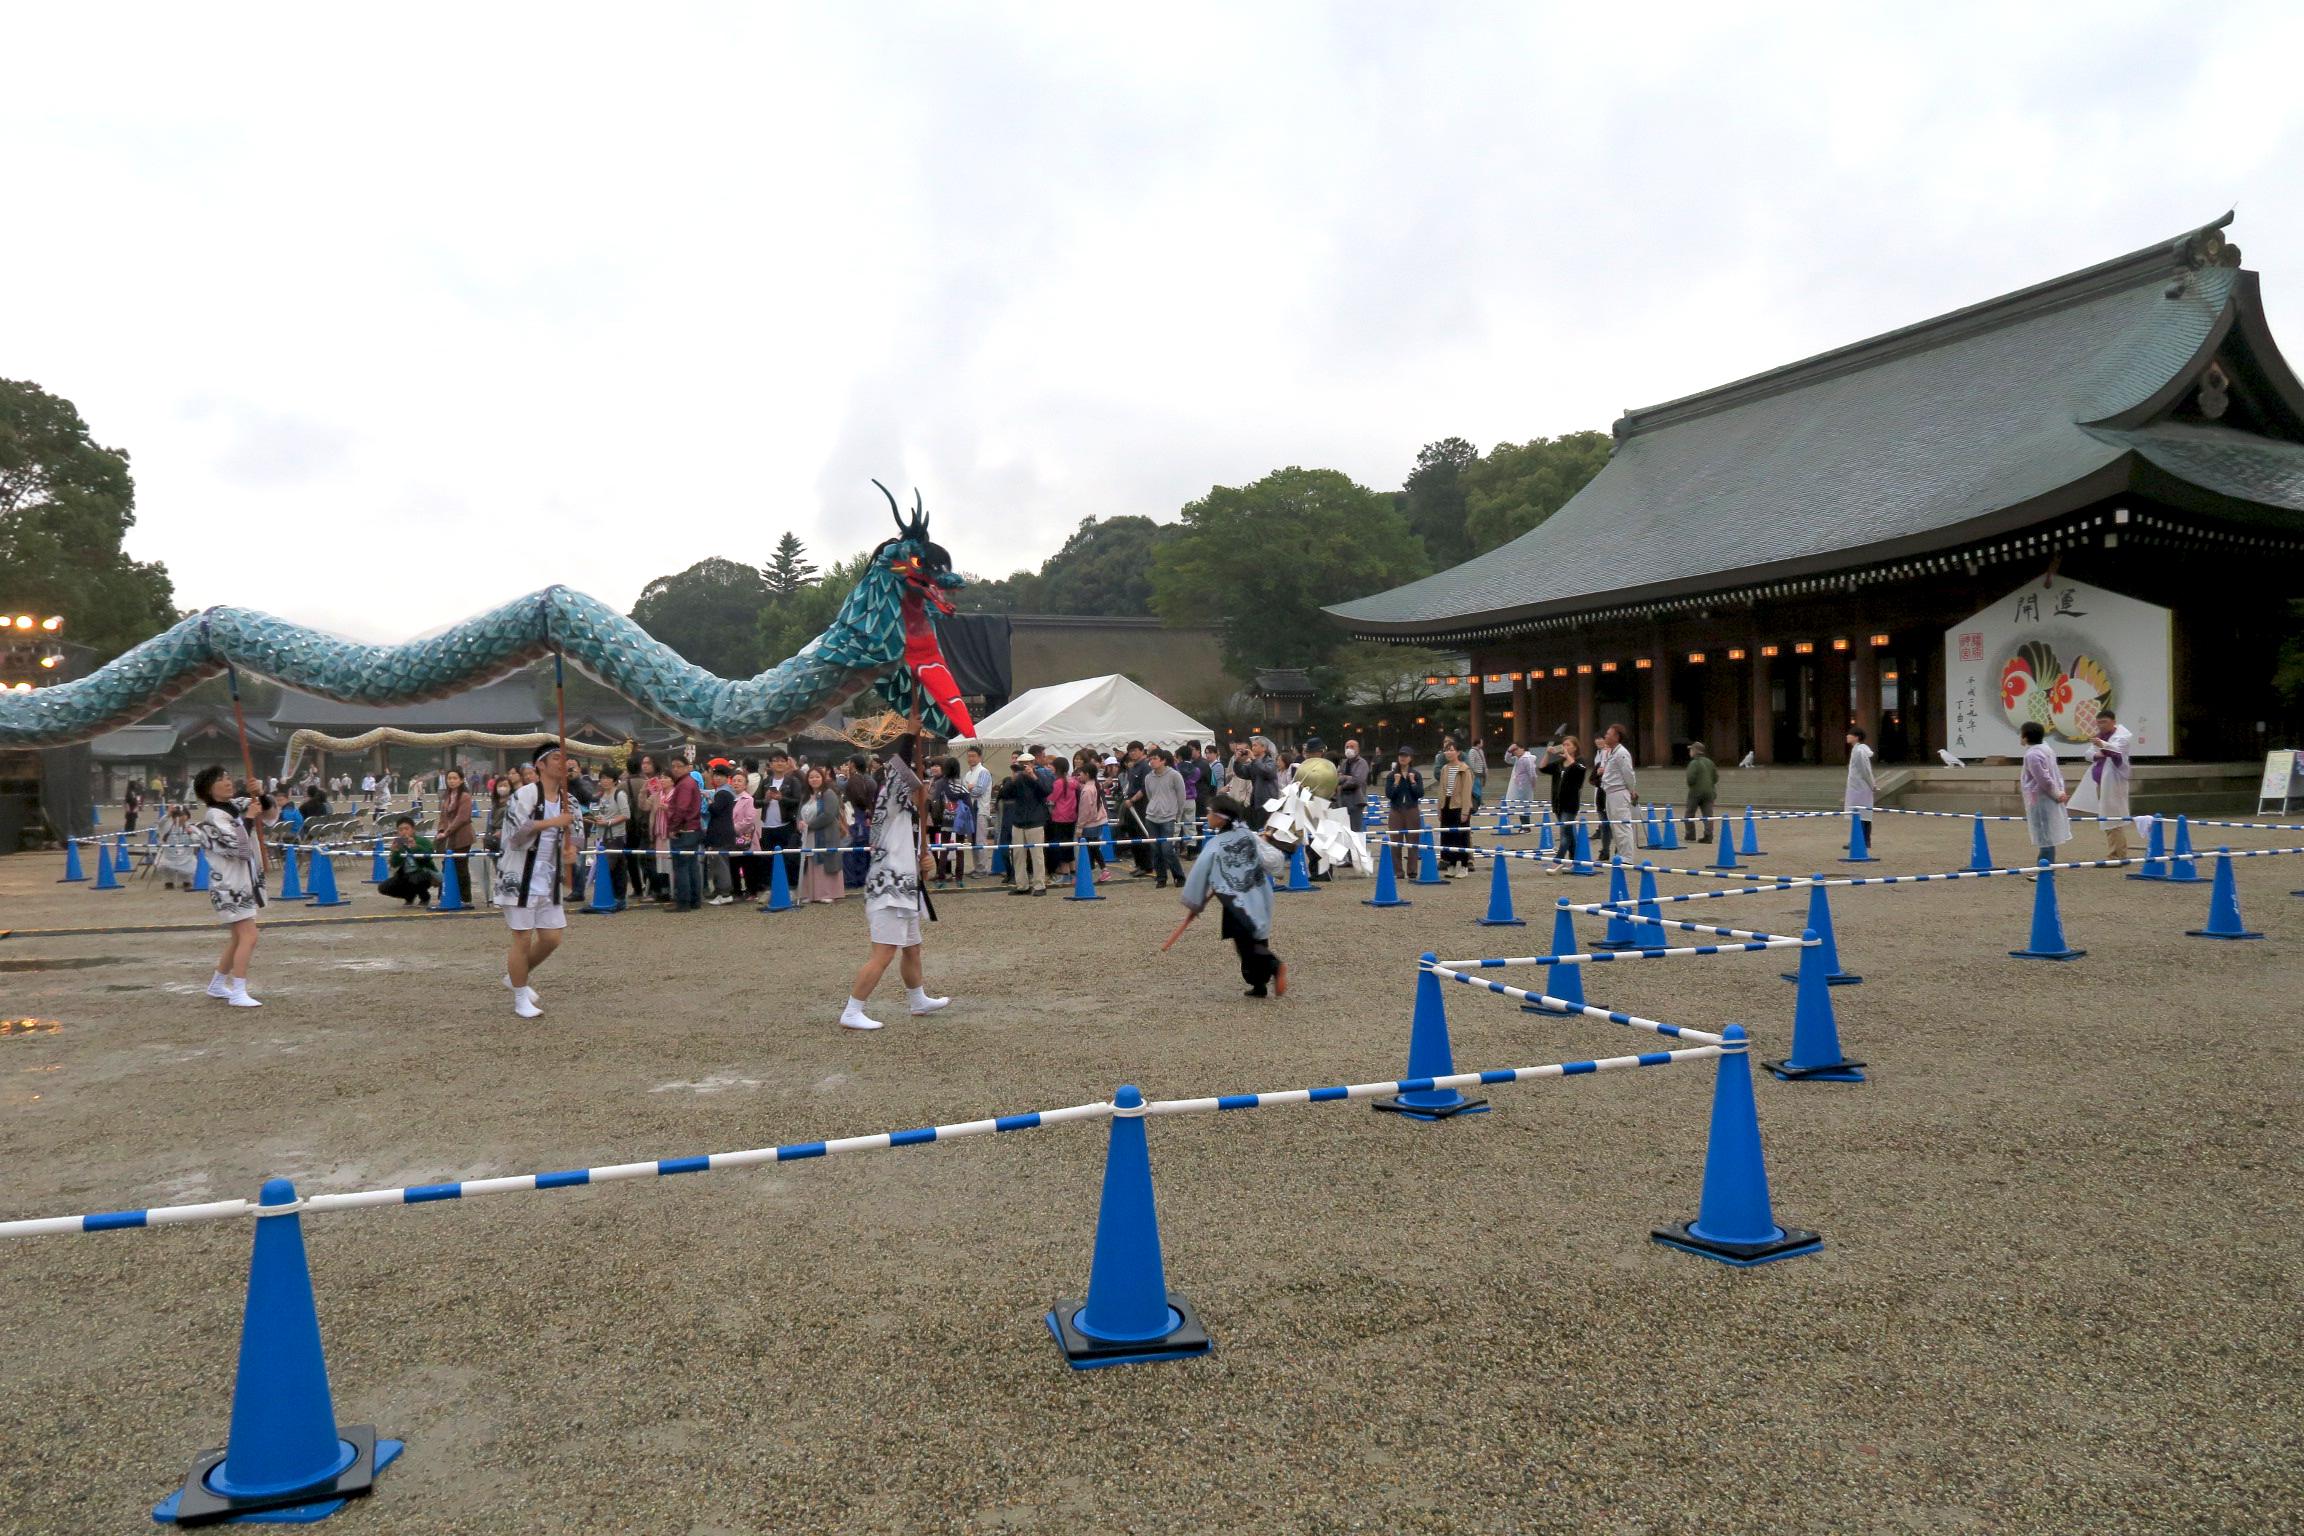 春の神武祭では、様々なイベントが行われています。この日の夜は相川七瀬さんのコンサートも。